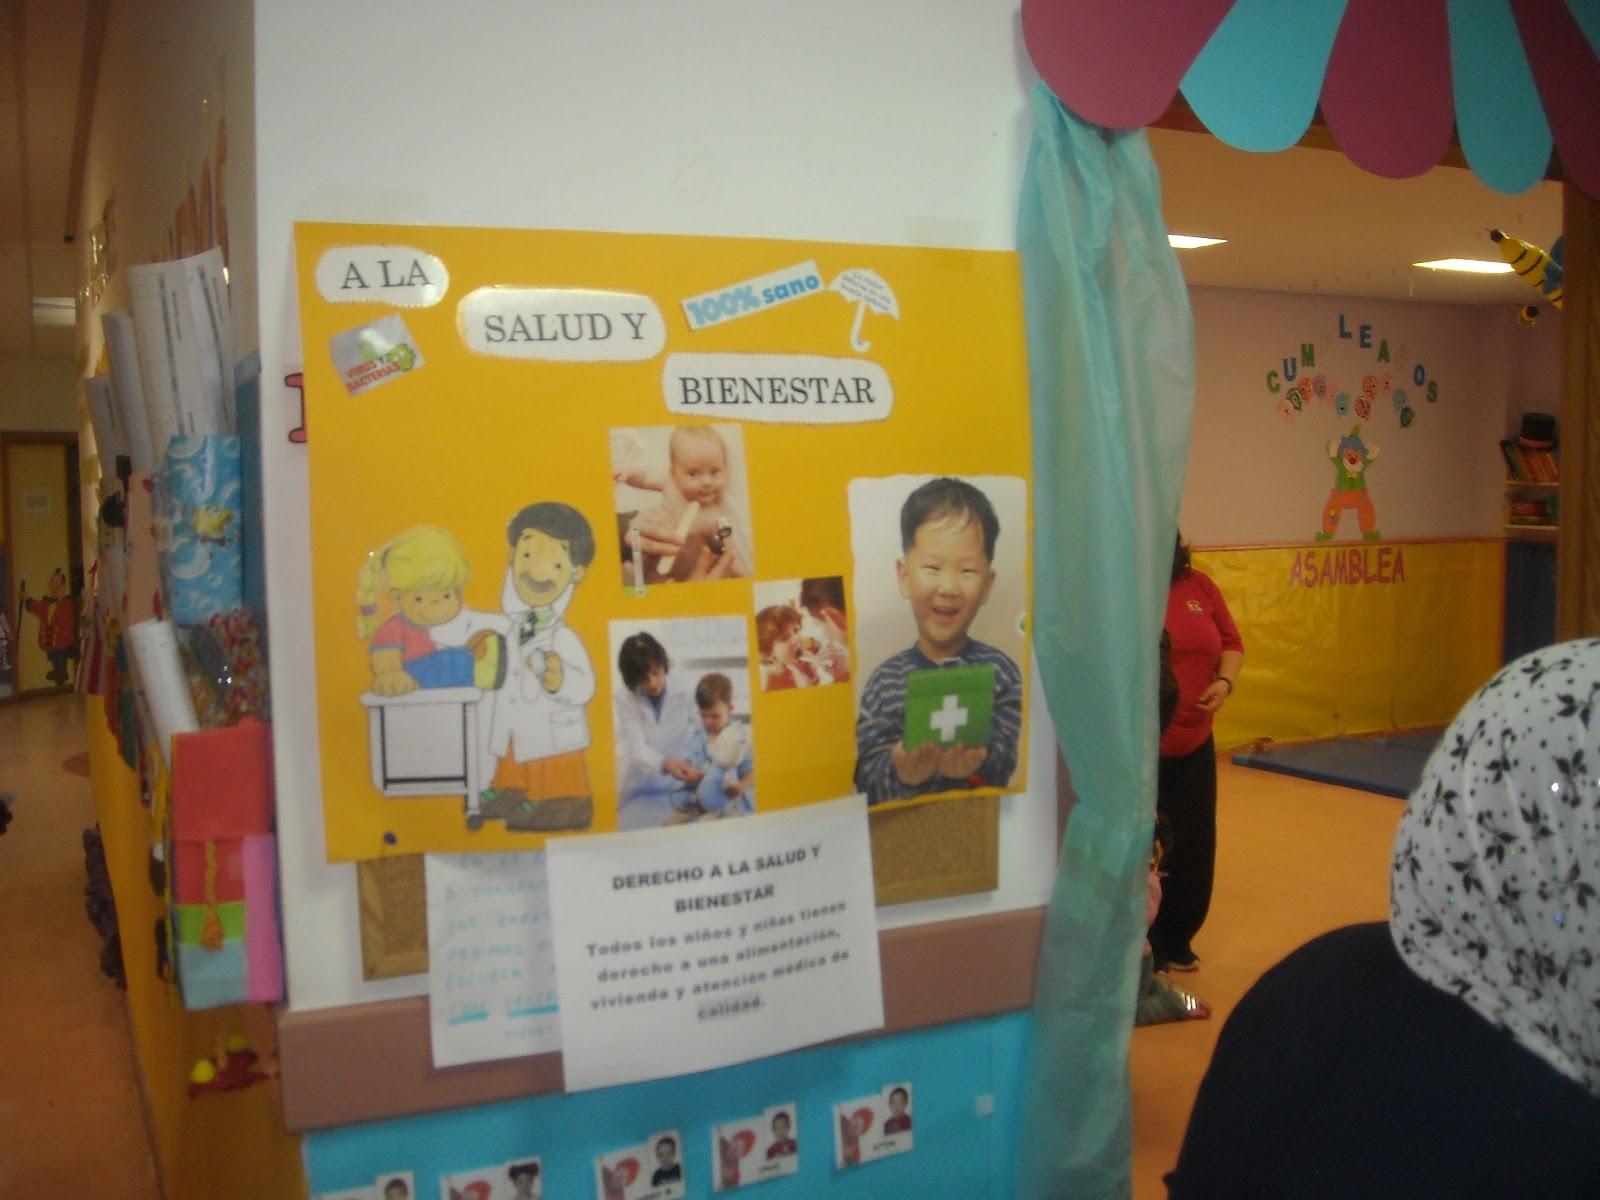 Plastilina Y Lápiz 20 De Noviembre Día De Los Derechos: ESCUELA INFANTIL PLATERO Y YO